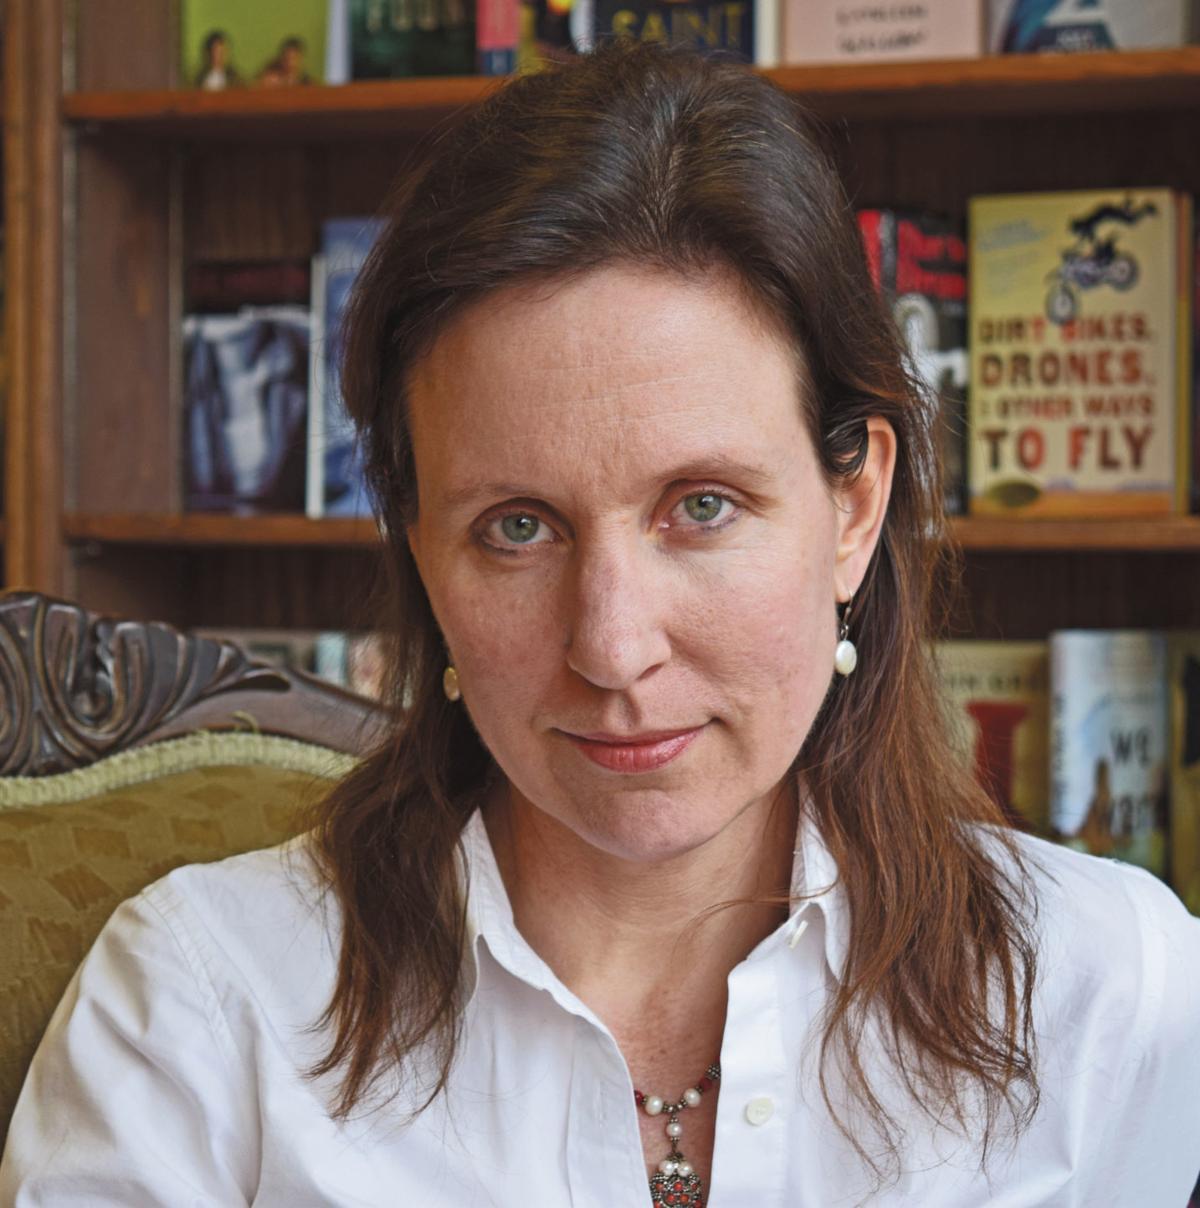 Carrie La Seur